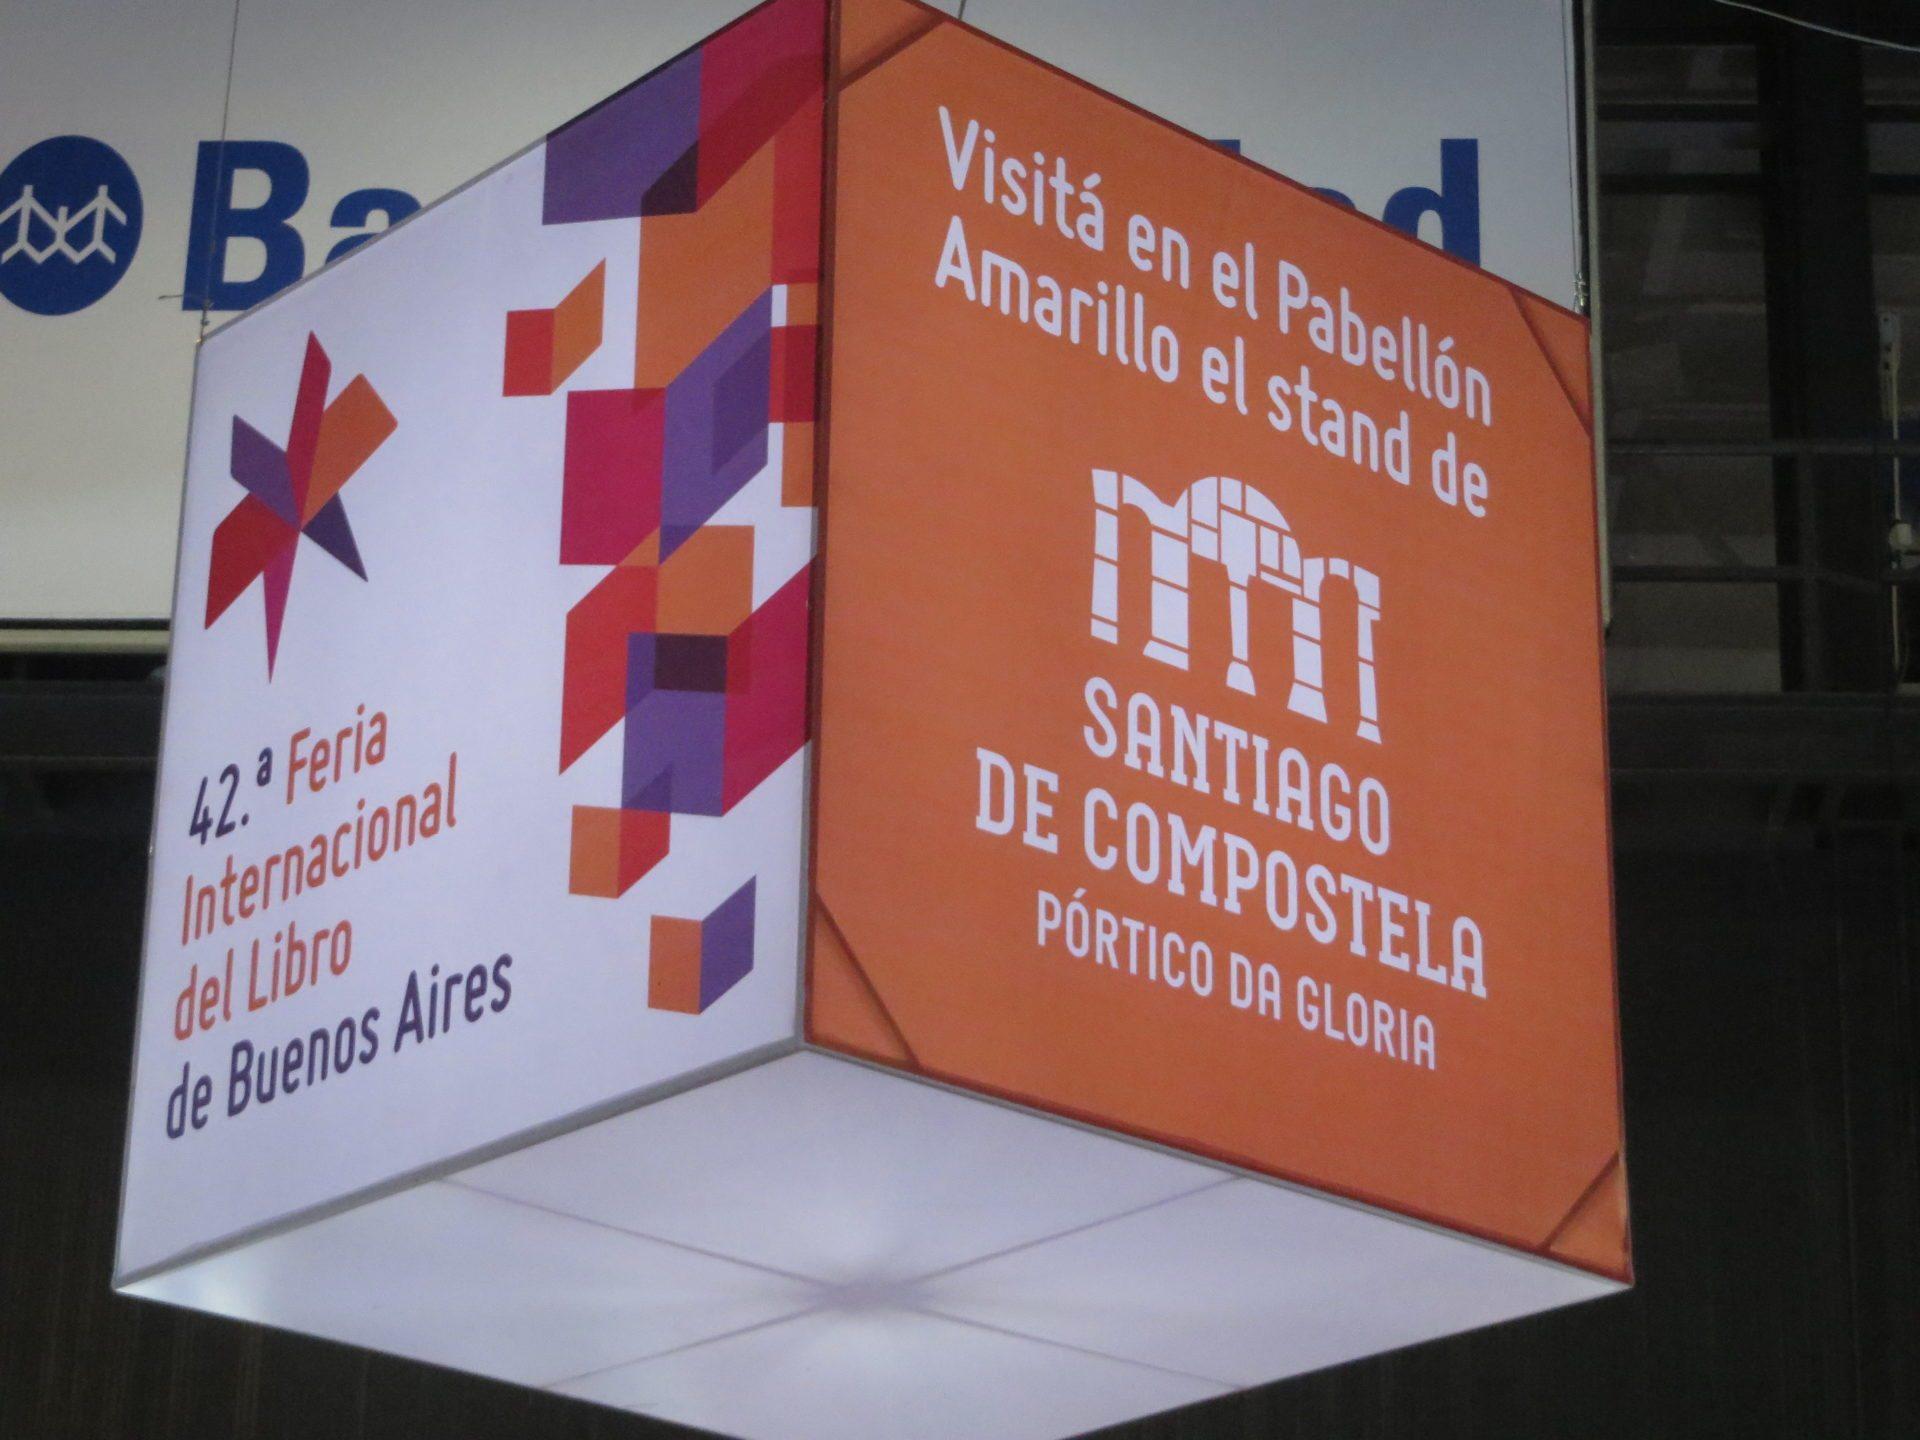 Santiago de Compostela, la Ciudad invitada.